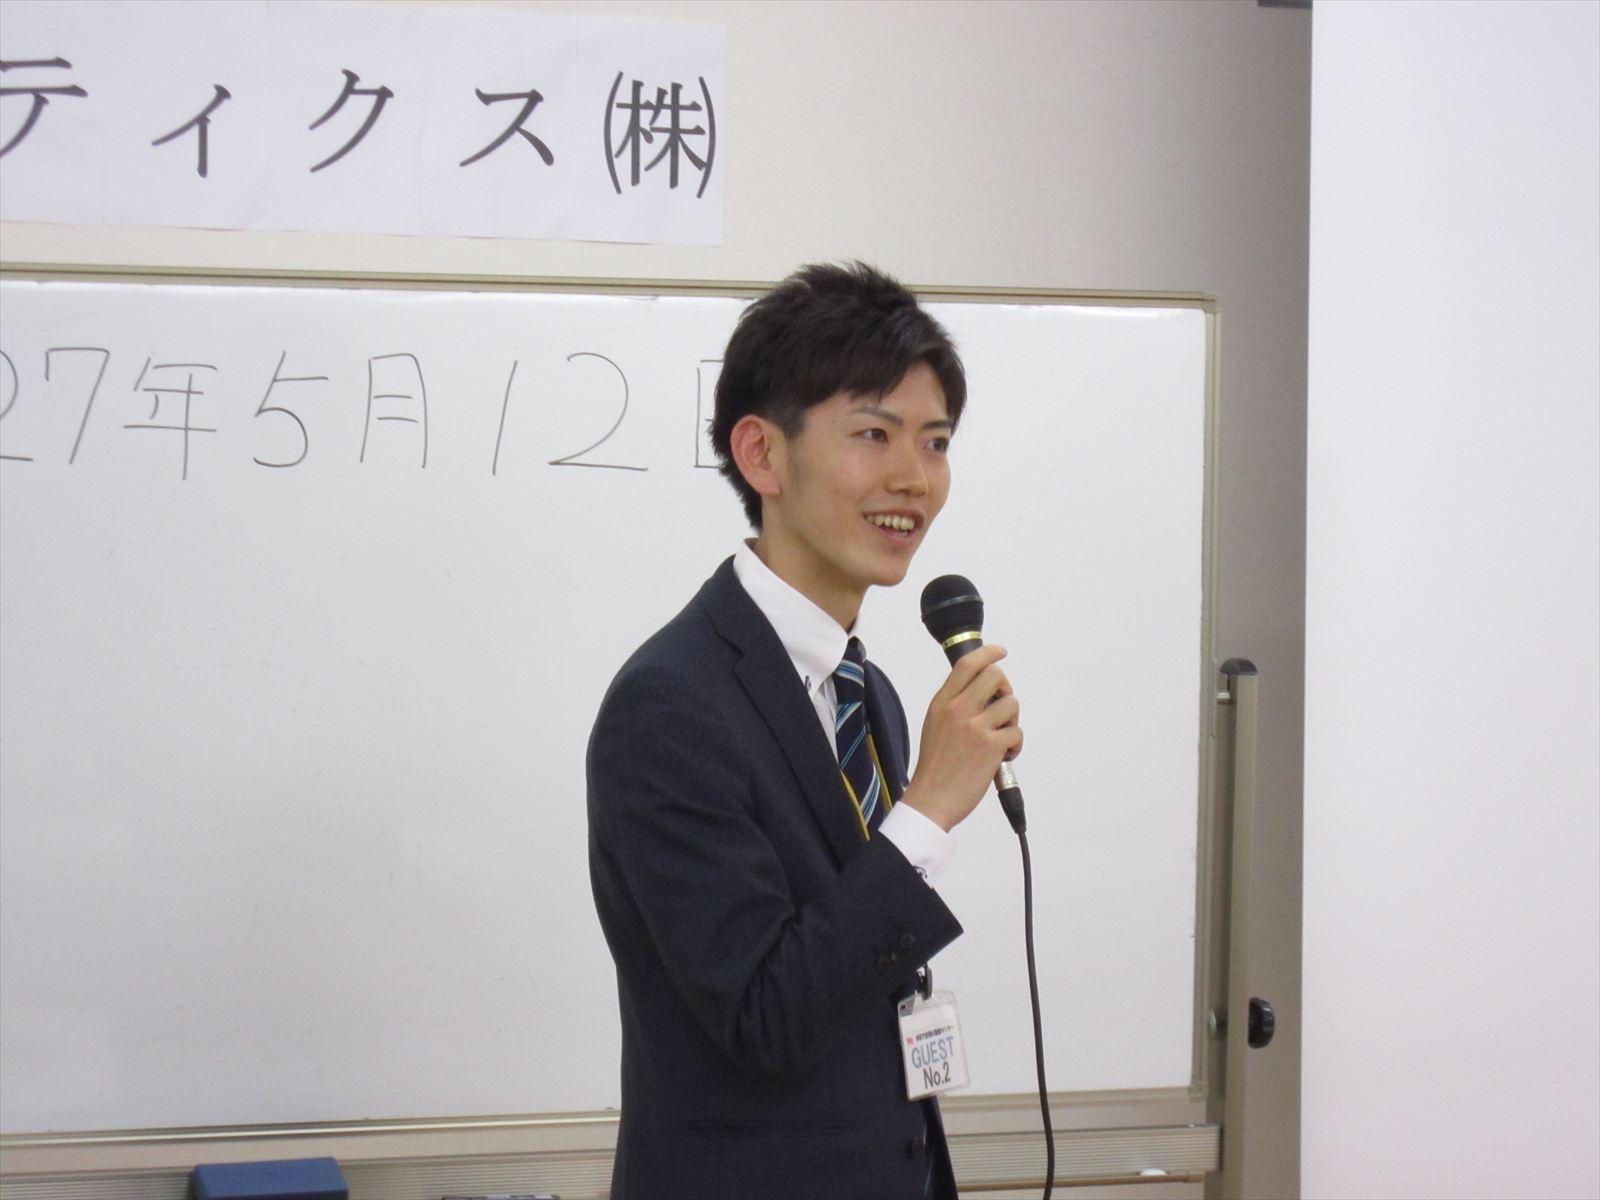 三井住友海上火災保険株式会社 広島支店 福山支社 坂本恭一主任